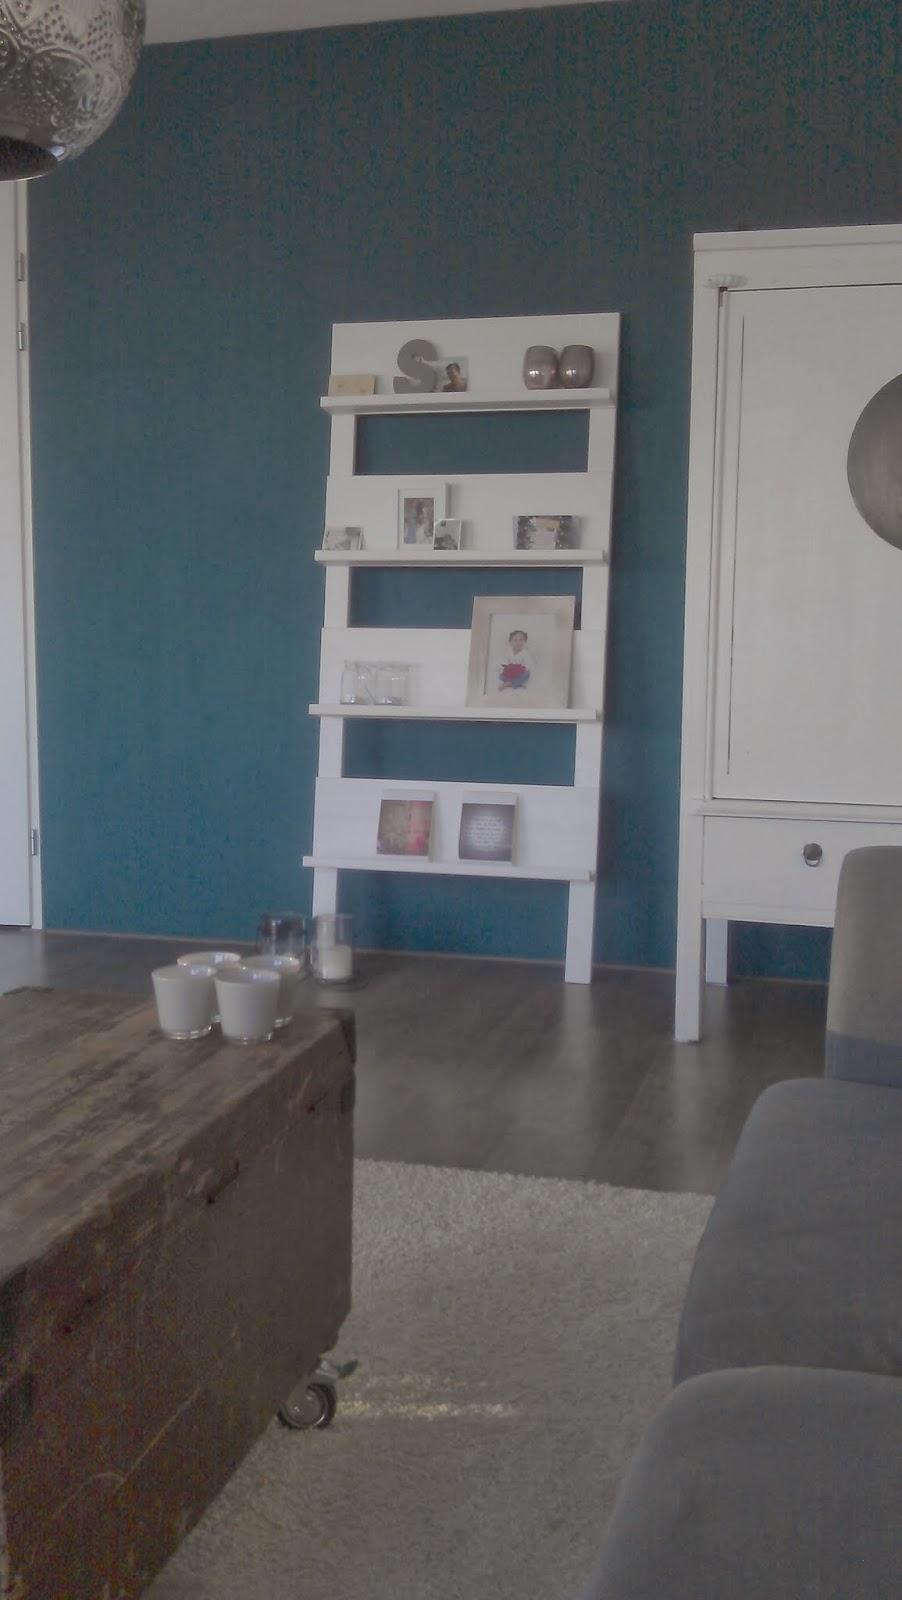 Pimpish: appartement in almere: de woonkamer